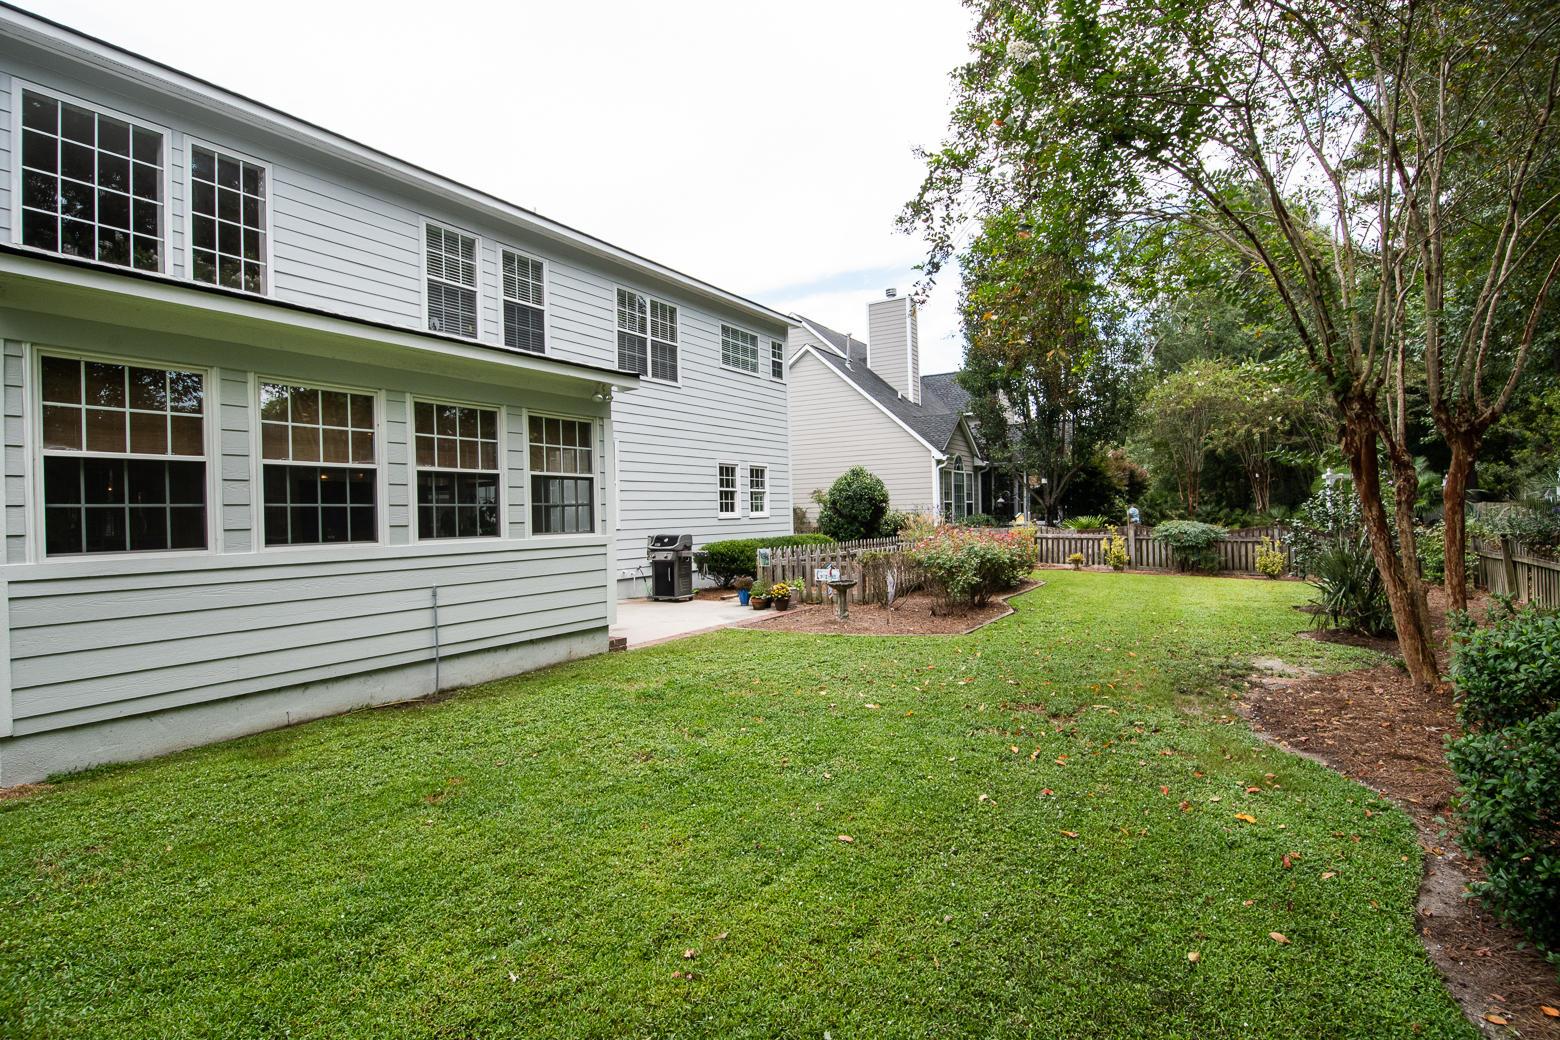 Dunes West Homes For Sale - 1111 Black Rush, Mount Pleasant, SC - 53